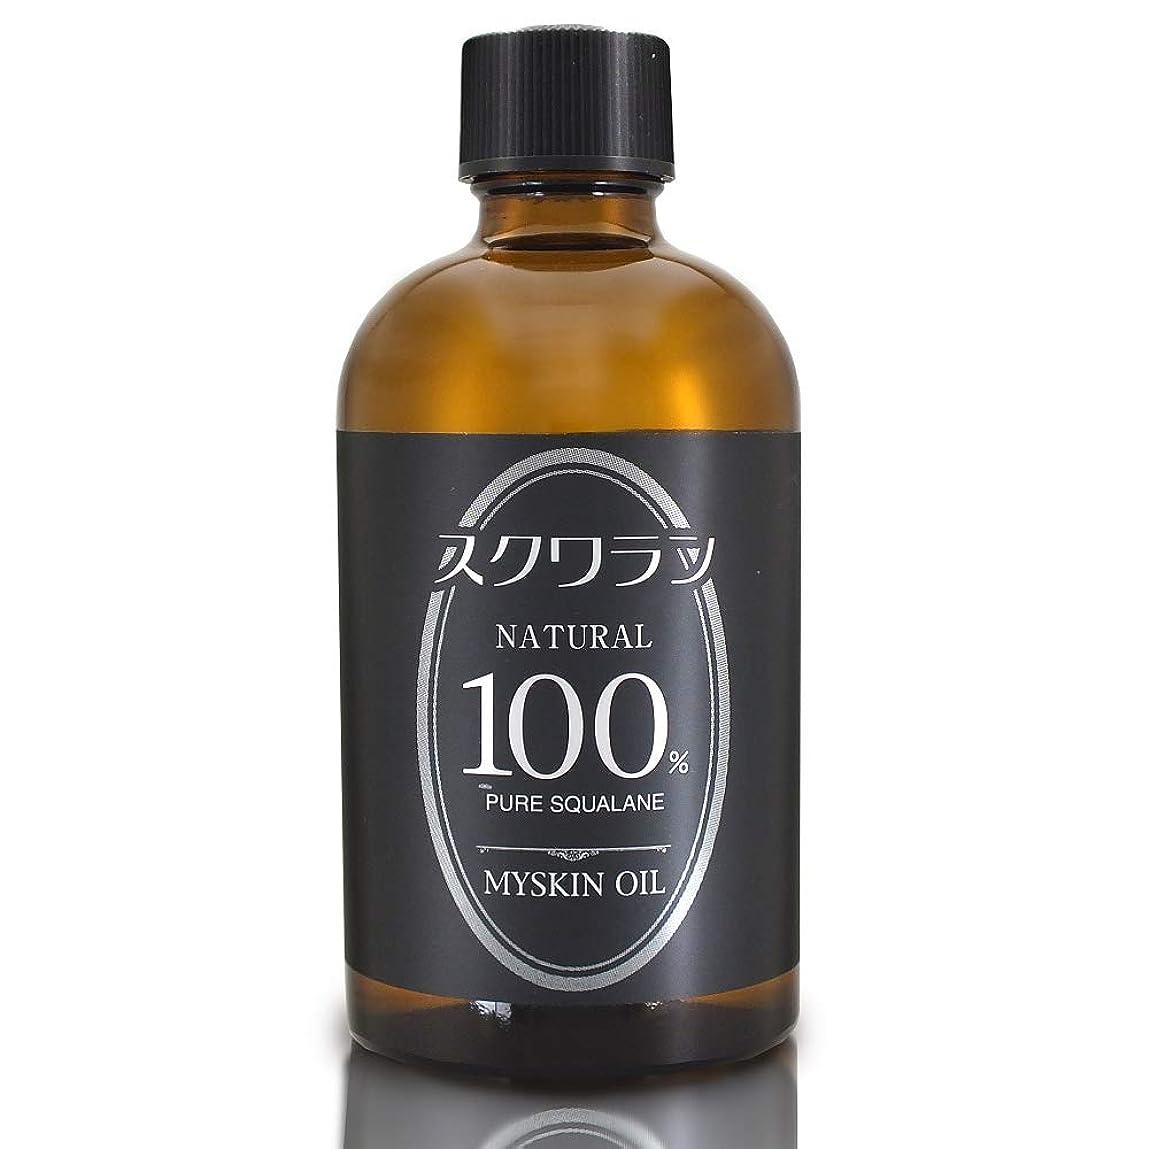 福祉火薬評判MYSKIN(マイスキン) スクワランオイル 120ml【無添加】